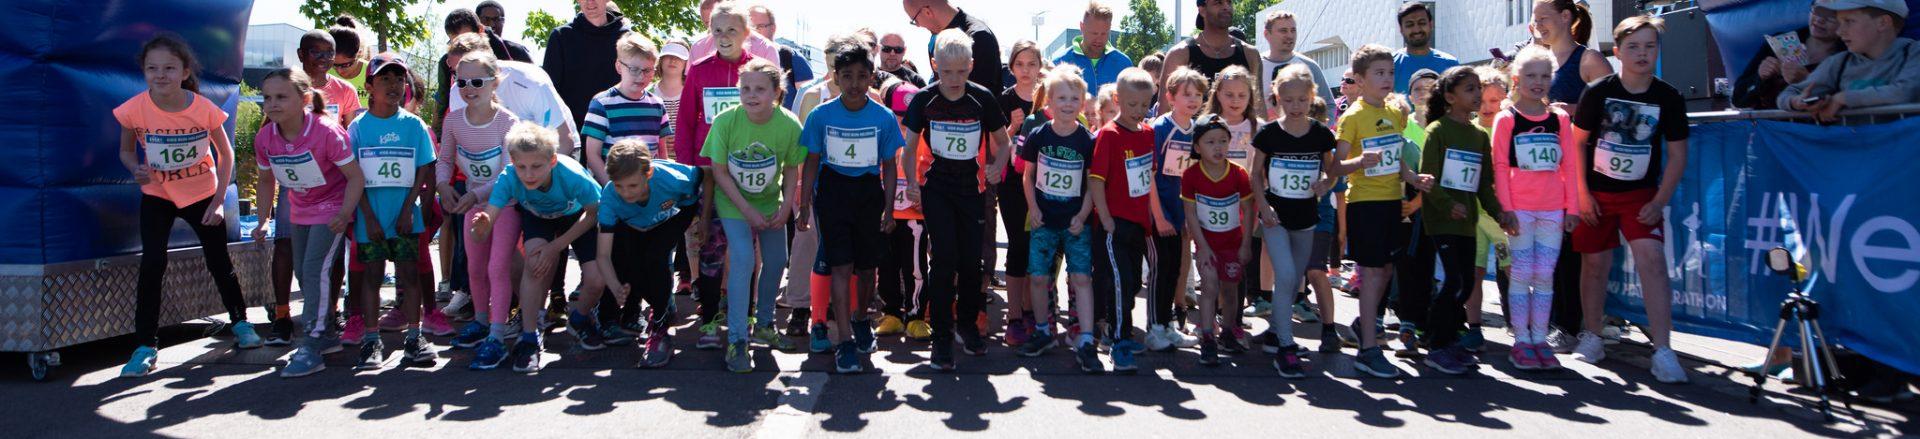 Kids Run Helsinki